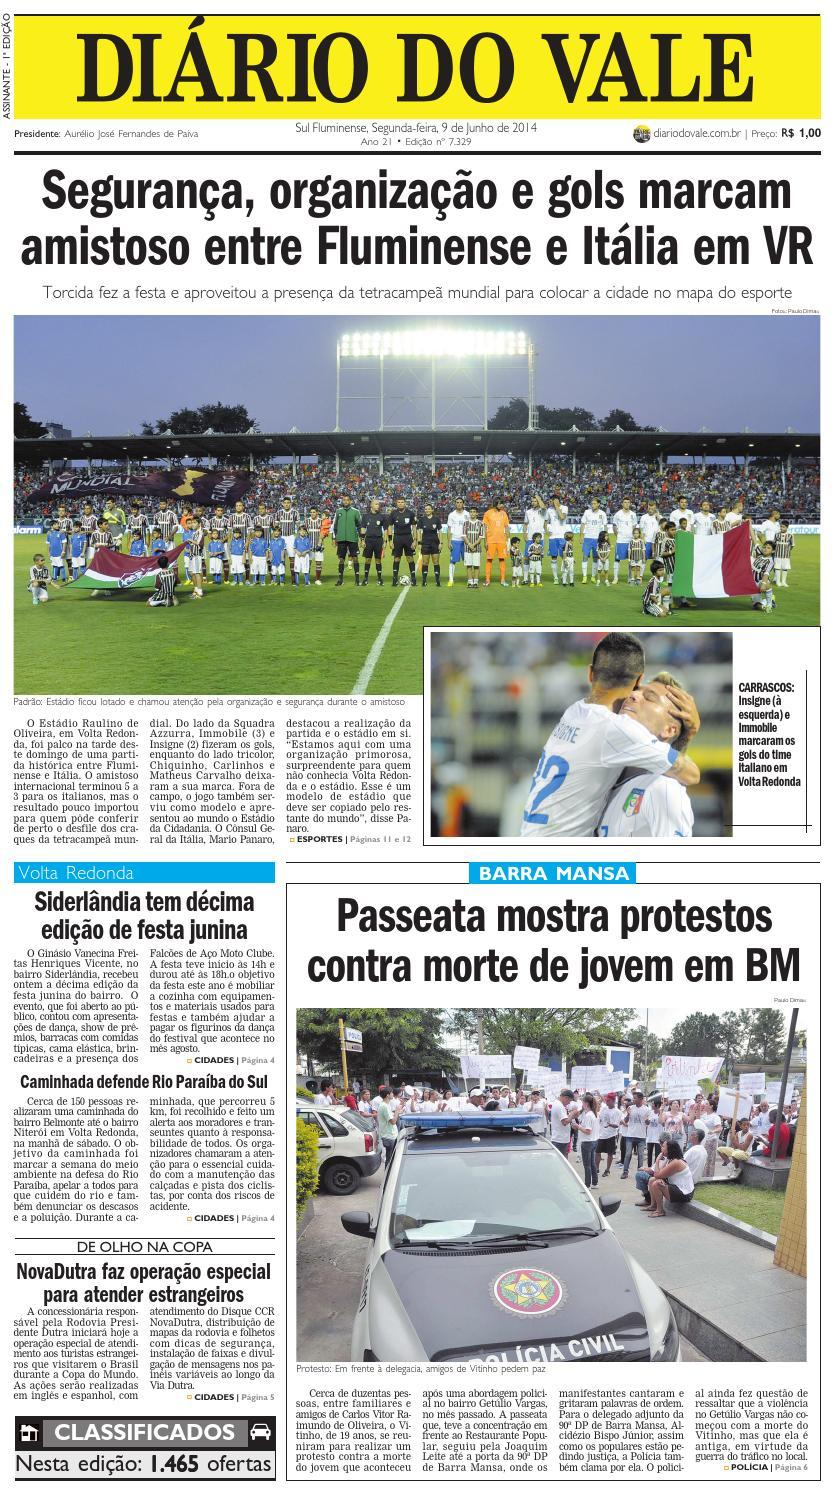 ab666e9ee1 7329 diario do vale segunda feira 09 06 2014 by Diário do Vale - issuu